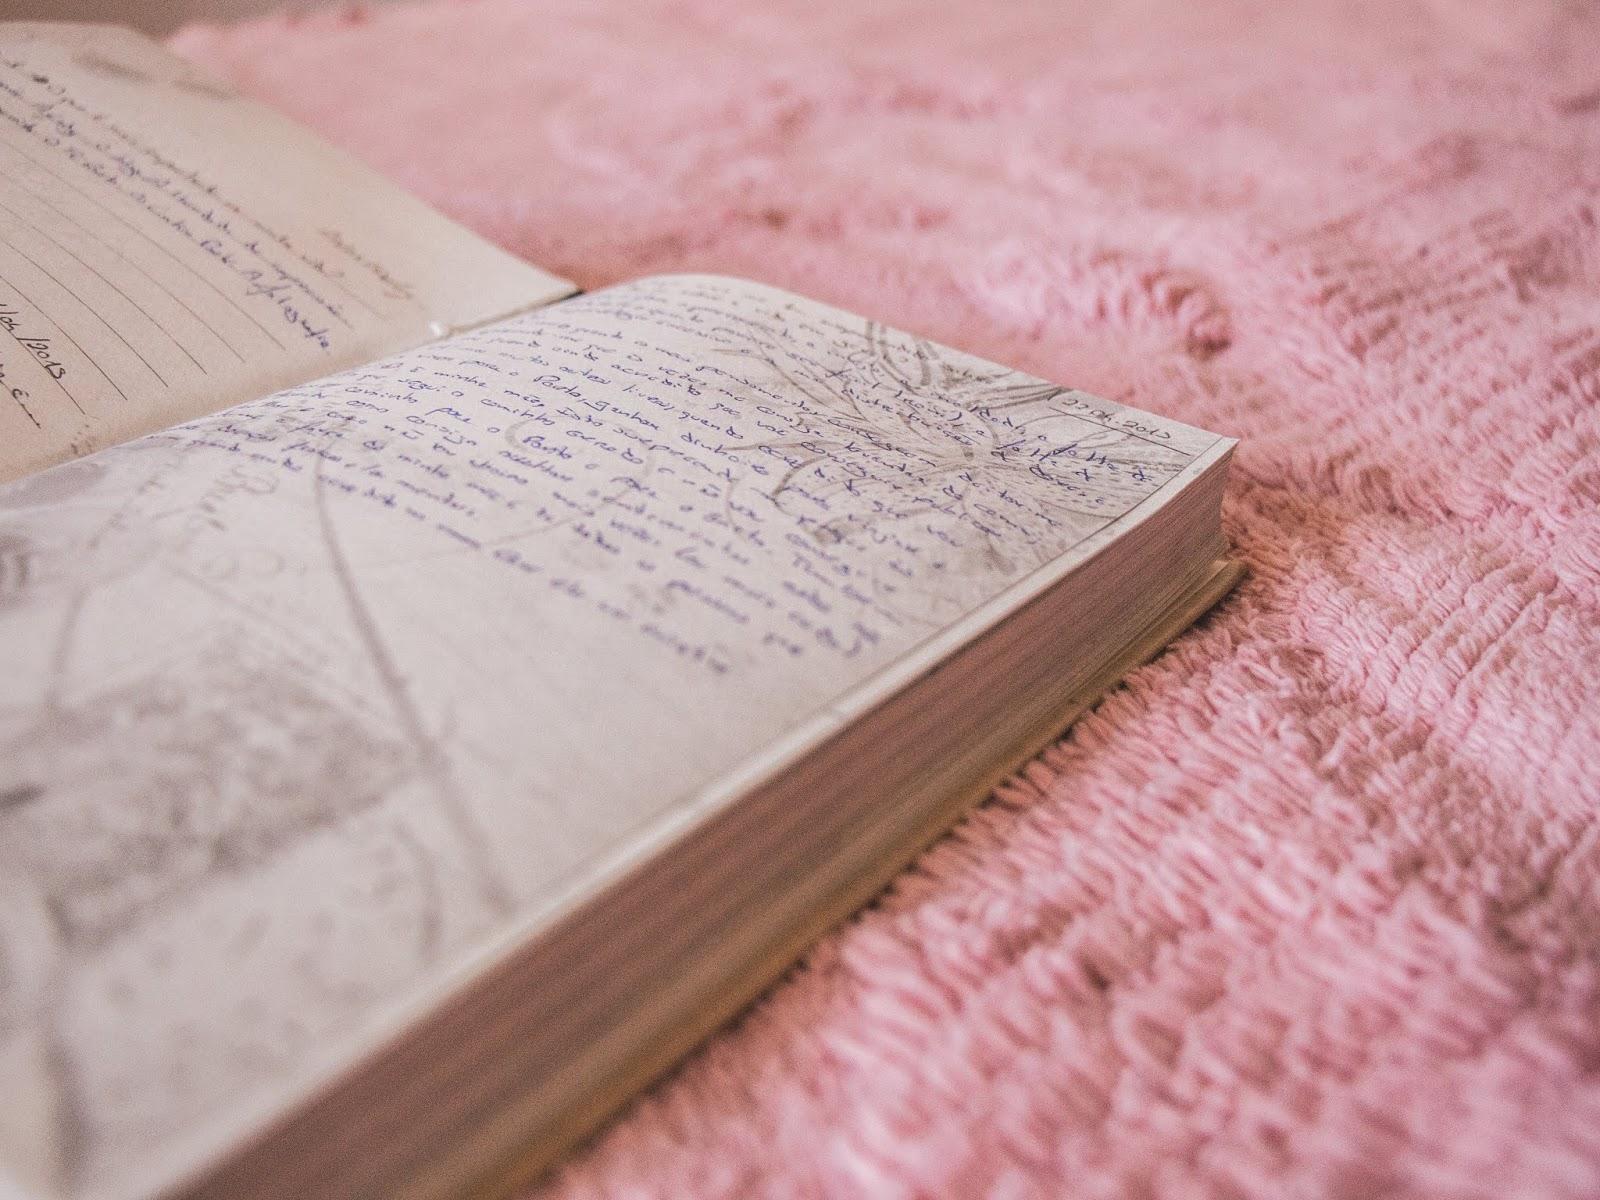 Desafio 21 dias de journaling para auto-reflexão - Filipa Maia